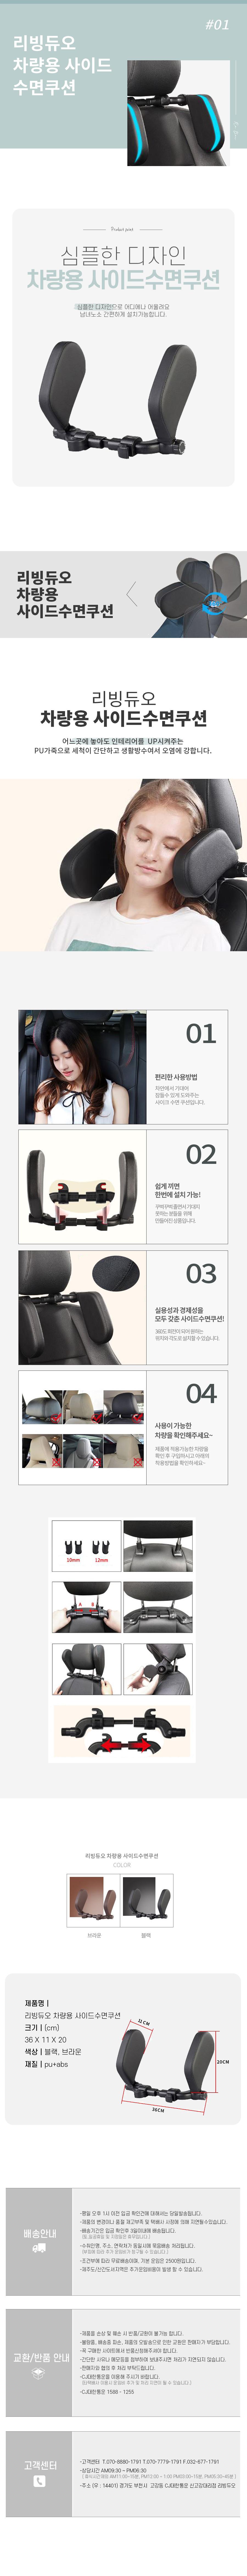 리빙듀오 차량용 사이드 수면쿠션 - 리빙듀오, 34,900원, 자동차용품, 기타용품